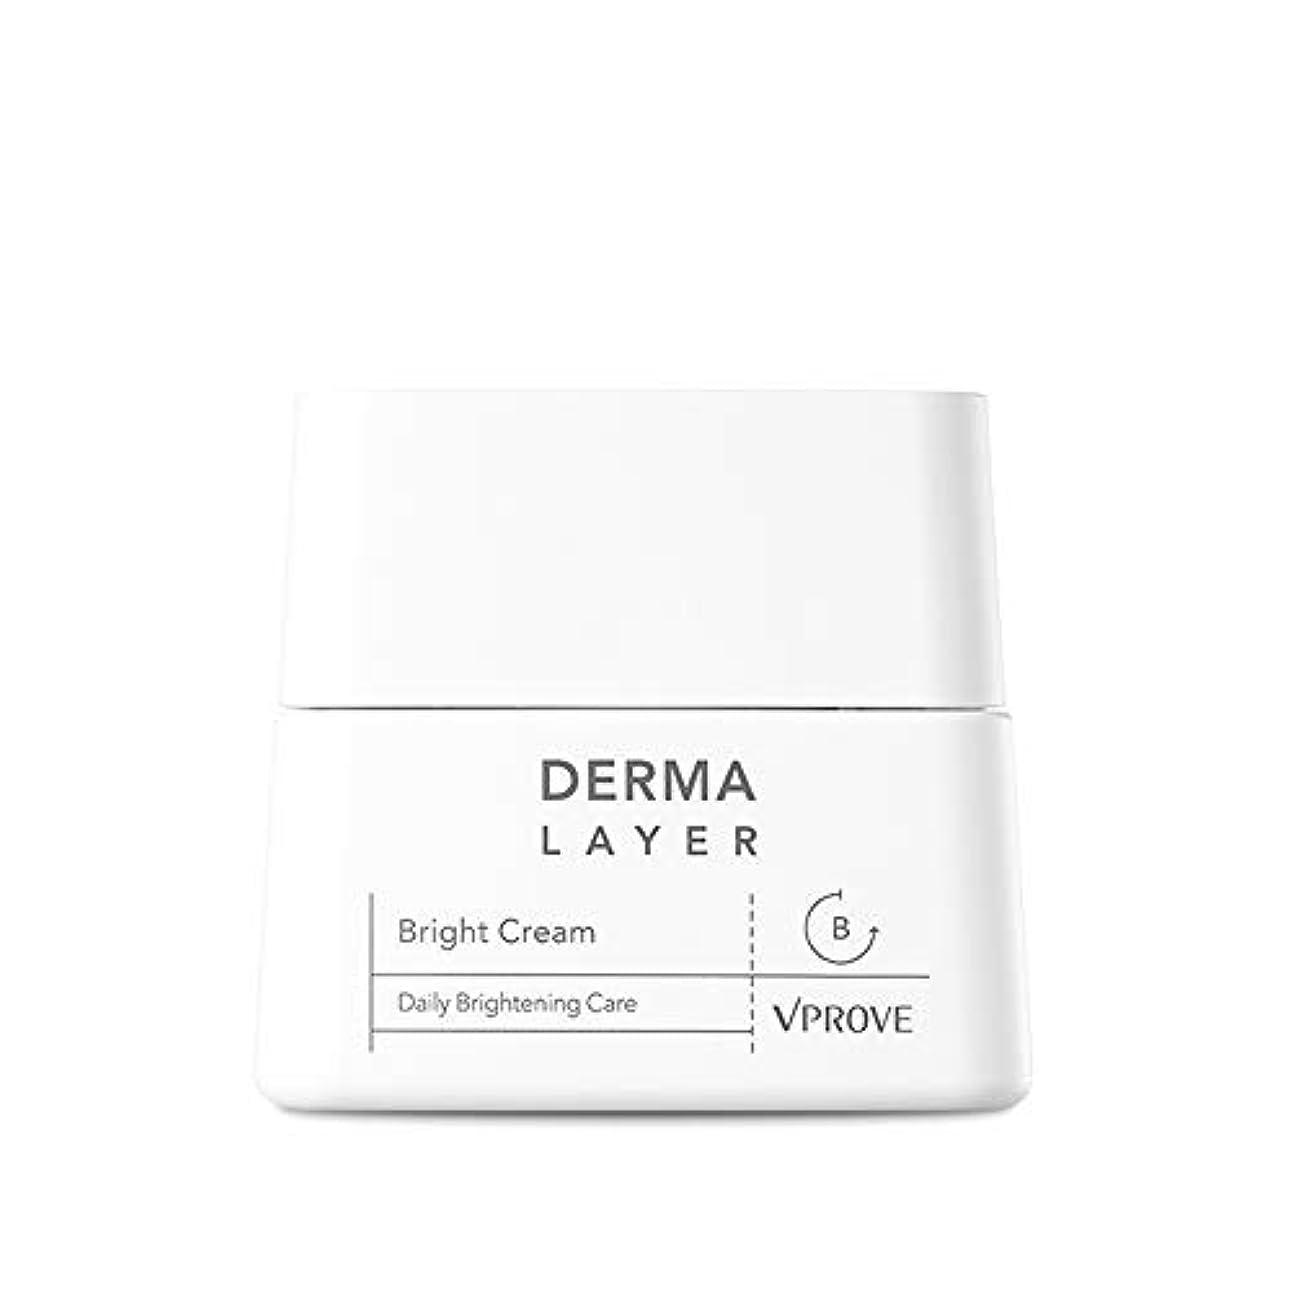 鼻耐久汚染[コスモコス]COSMOCOS VPROVE ダーマ レイヤーブライト ブライトクリーム 50g 海外直送品 Deama Layer Bright Cream [並行輸入品]